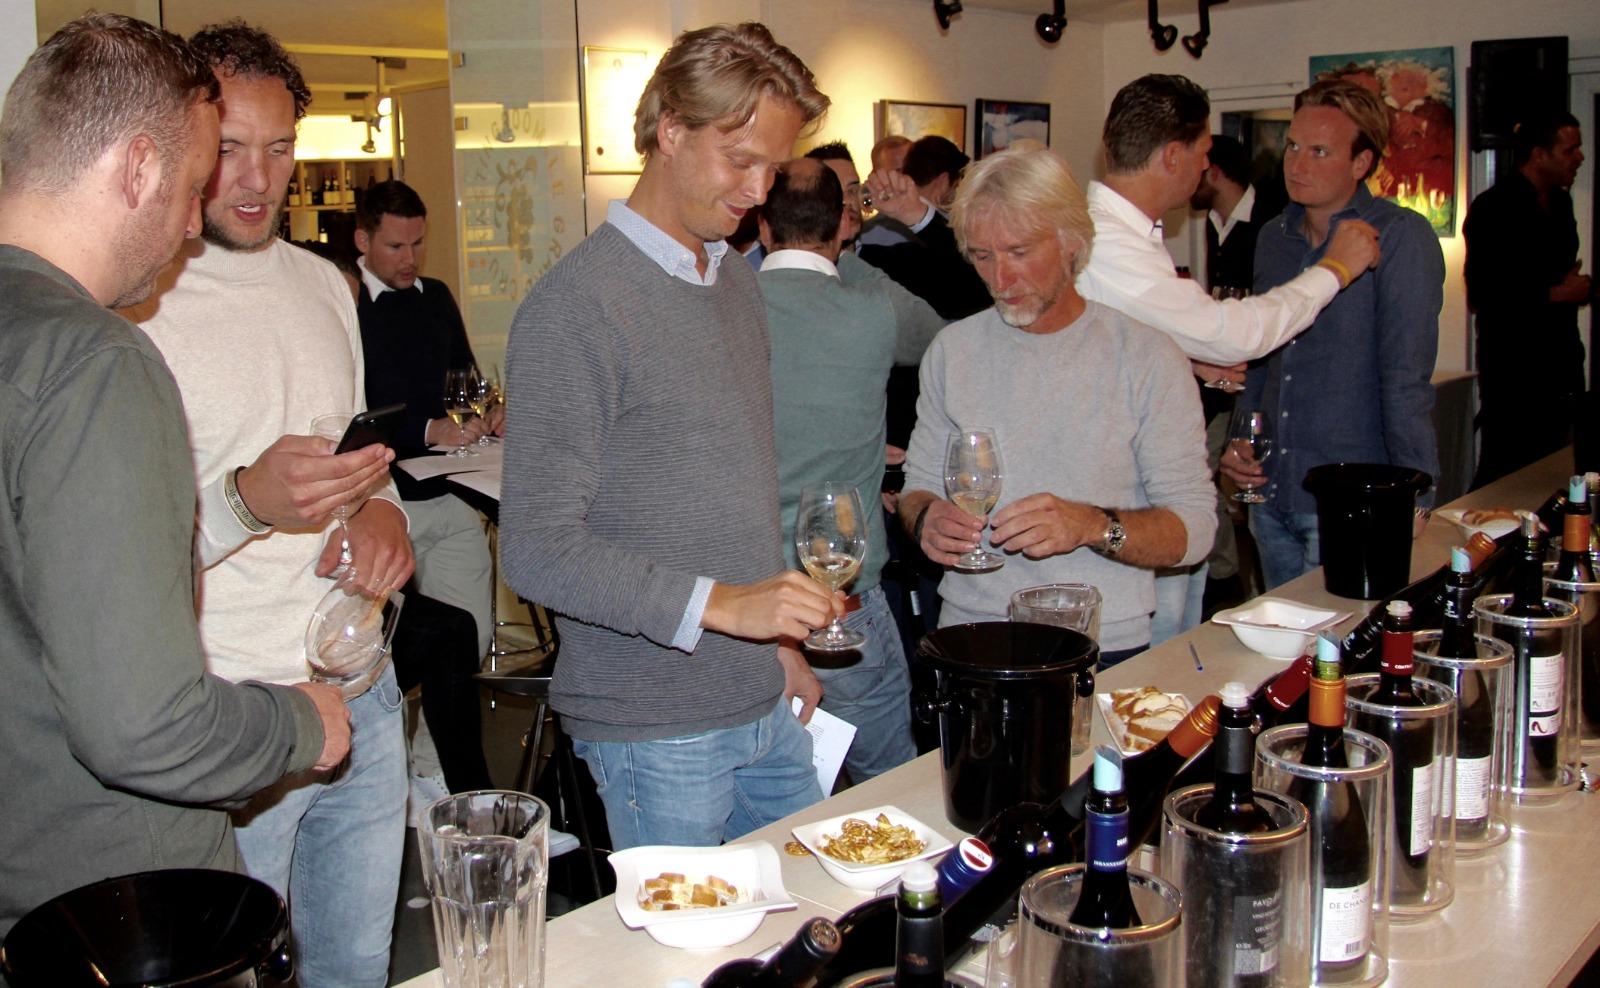 le-grand-cru-proeverij-feestje-wijnproeverij-heemstede-3